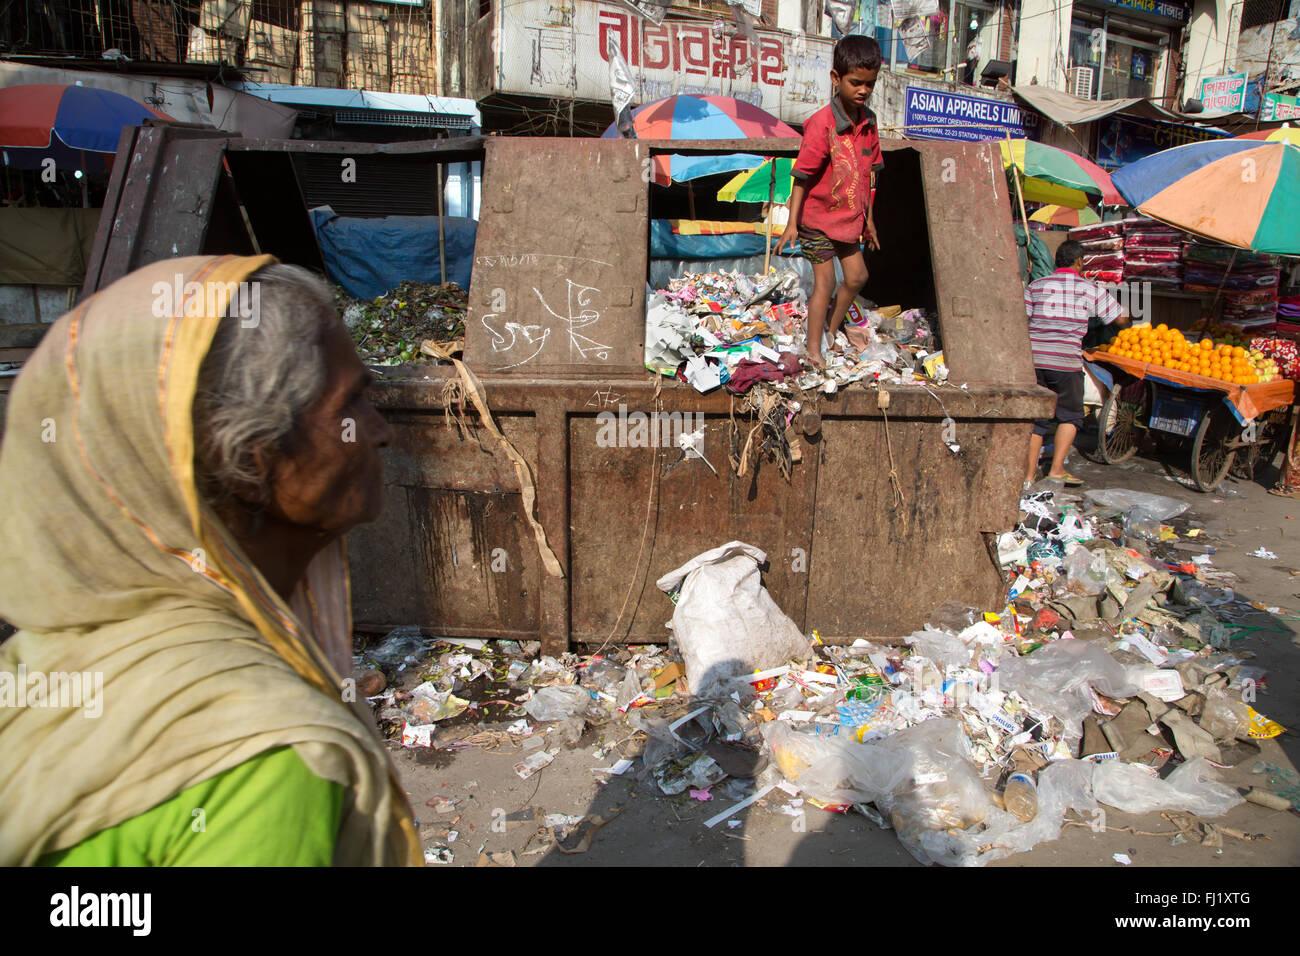 Armes Kind sucht in eine Müllhalde, Chittagong, Bangladesch Stockbild